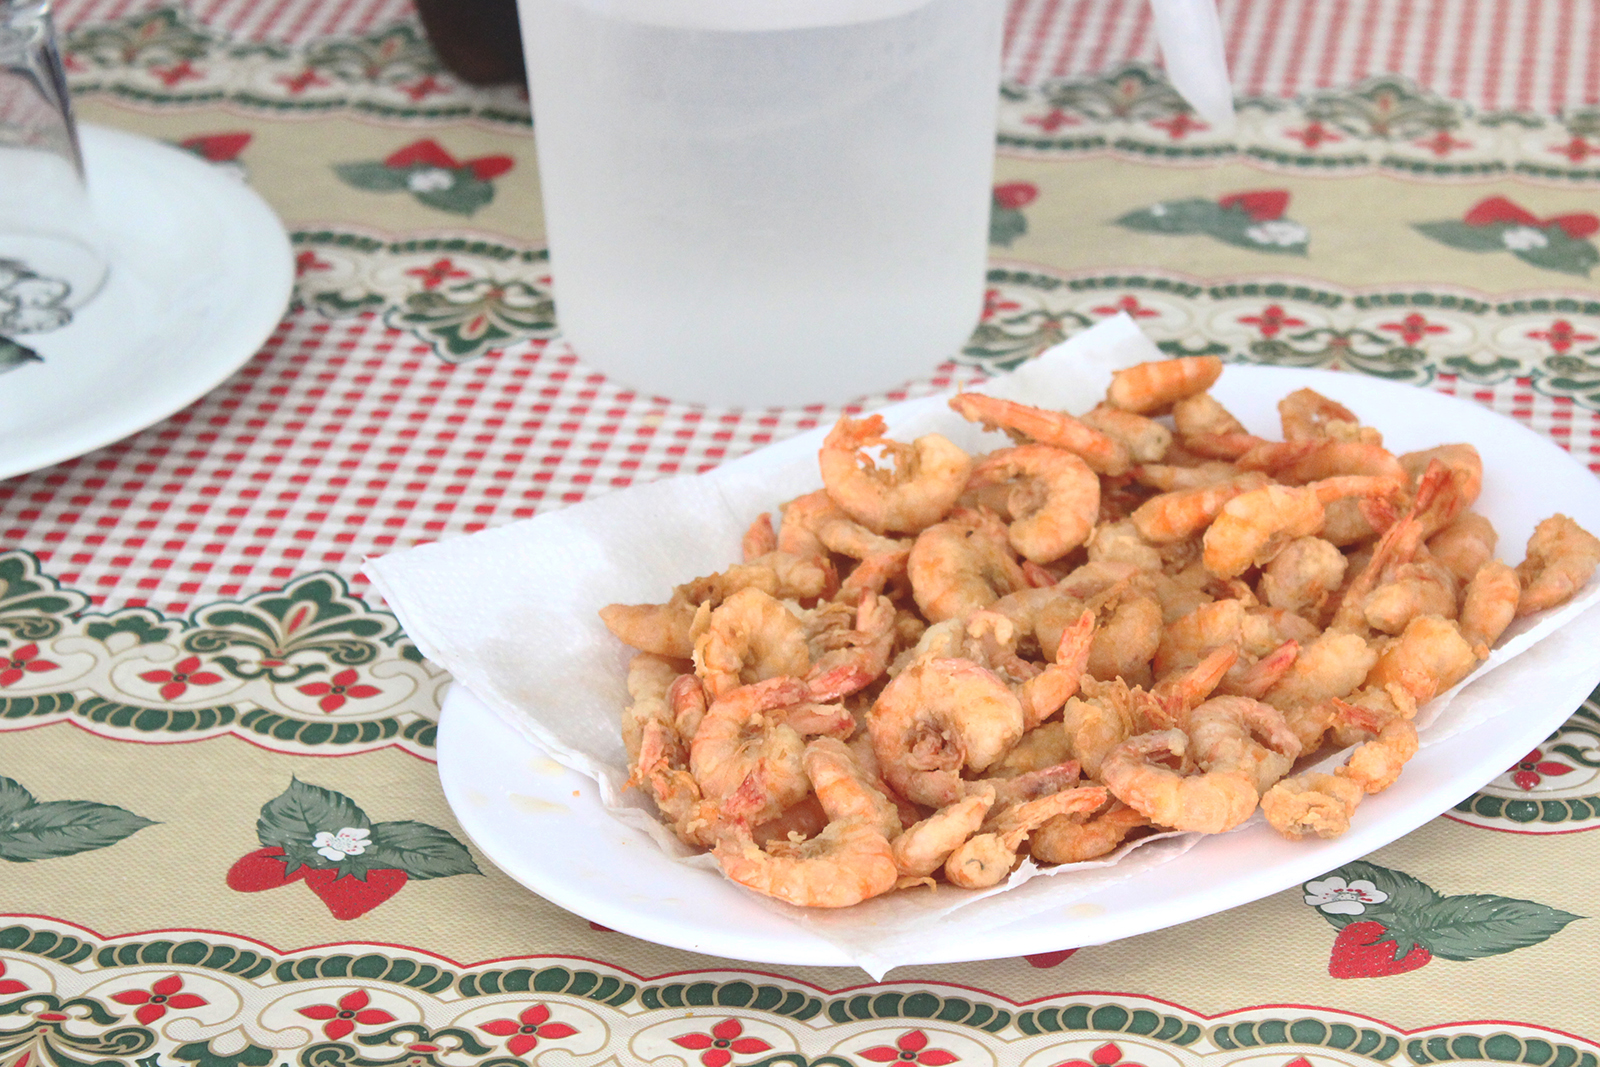 camarões empanados fritos